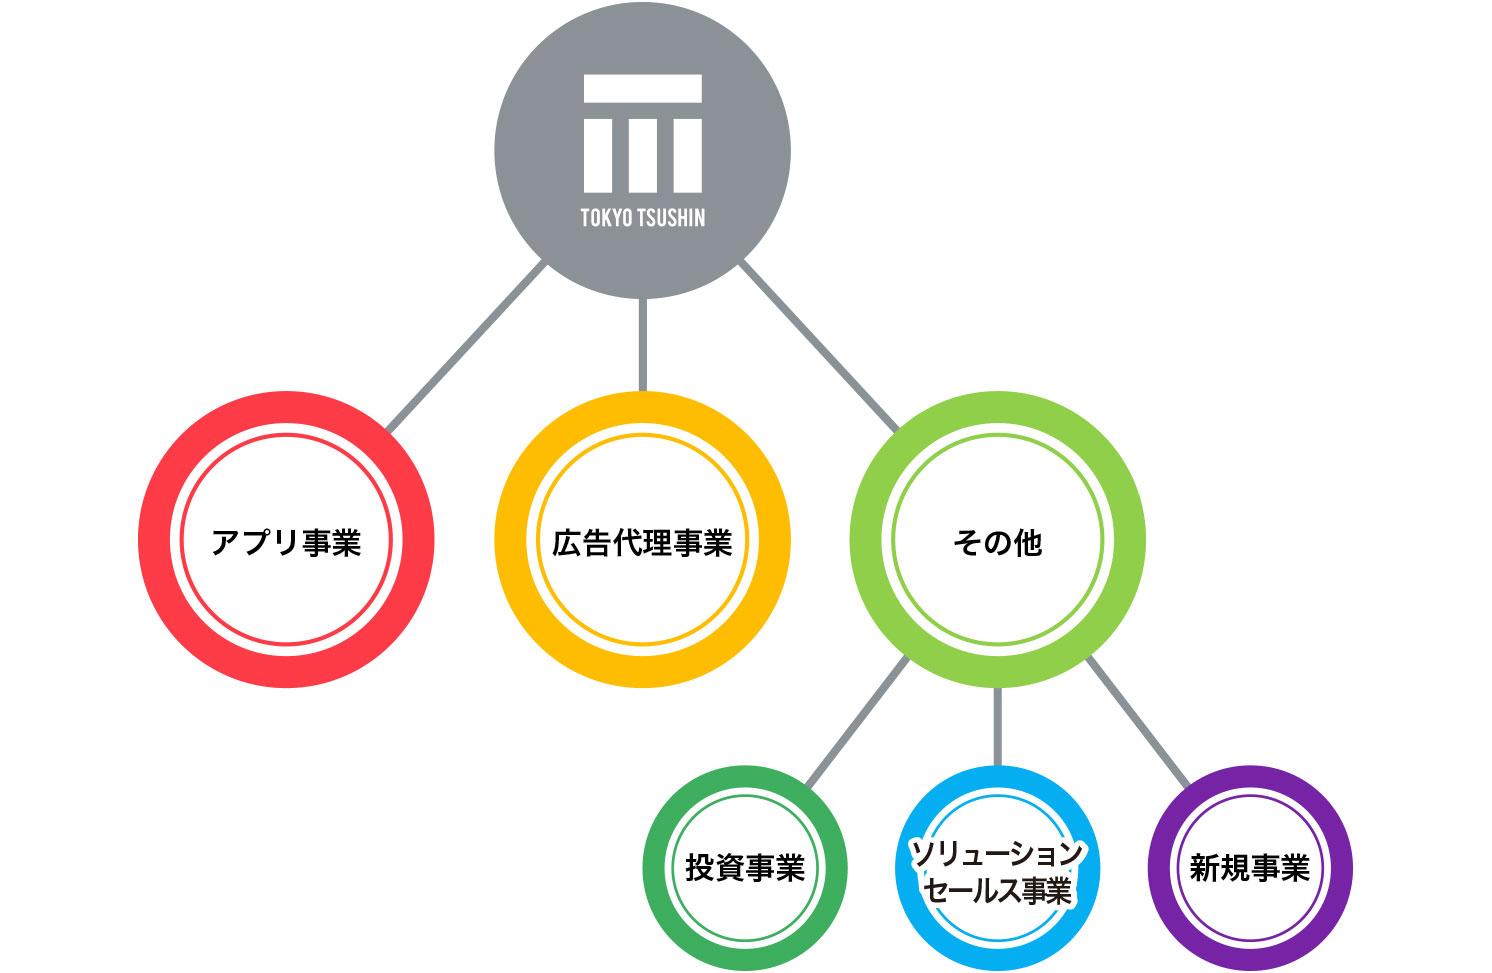 経営戦略イメージ